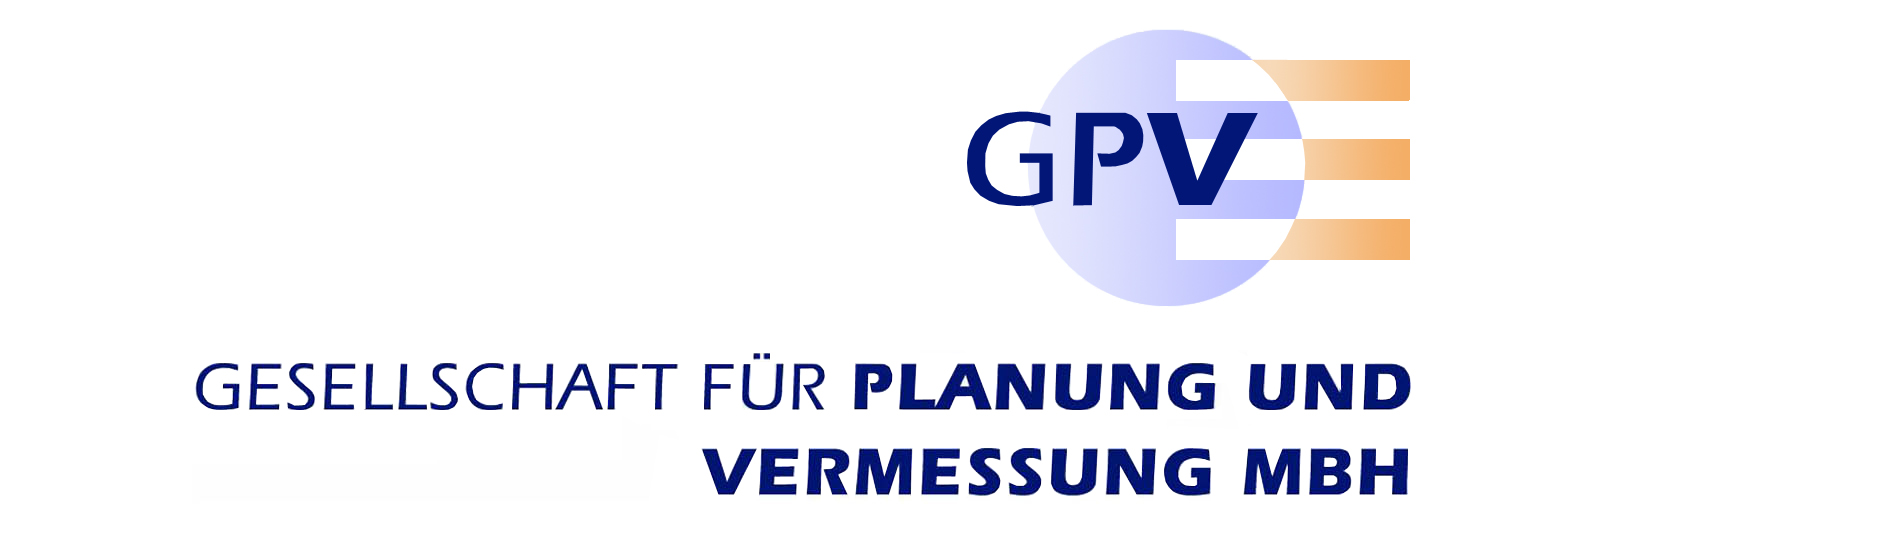 GPV Berlin